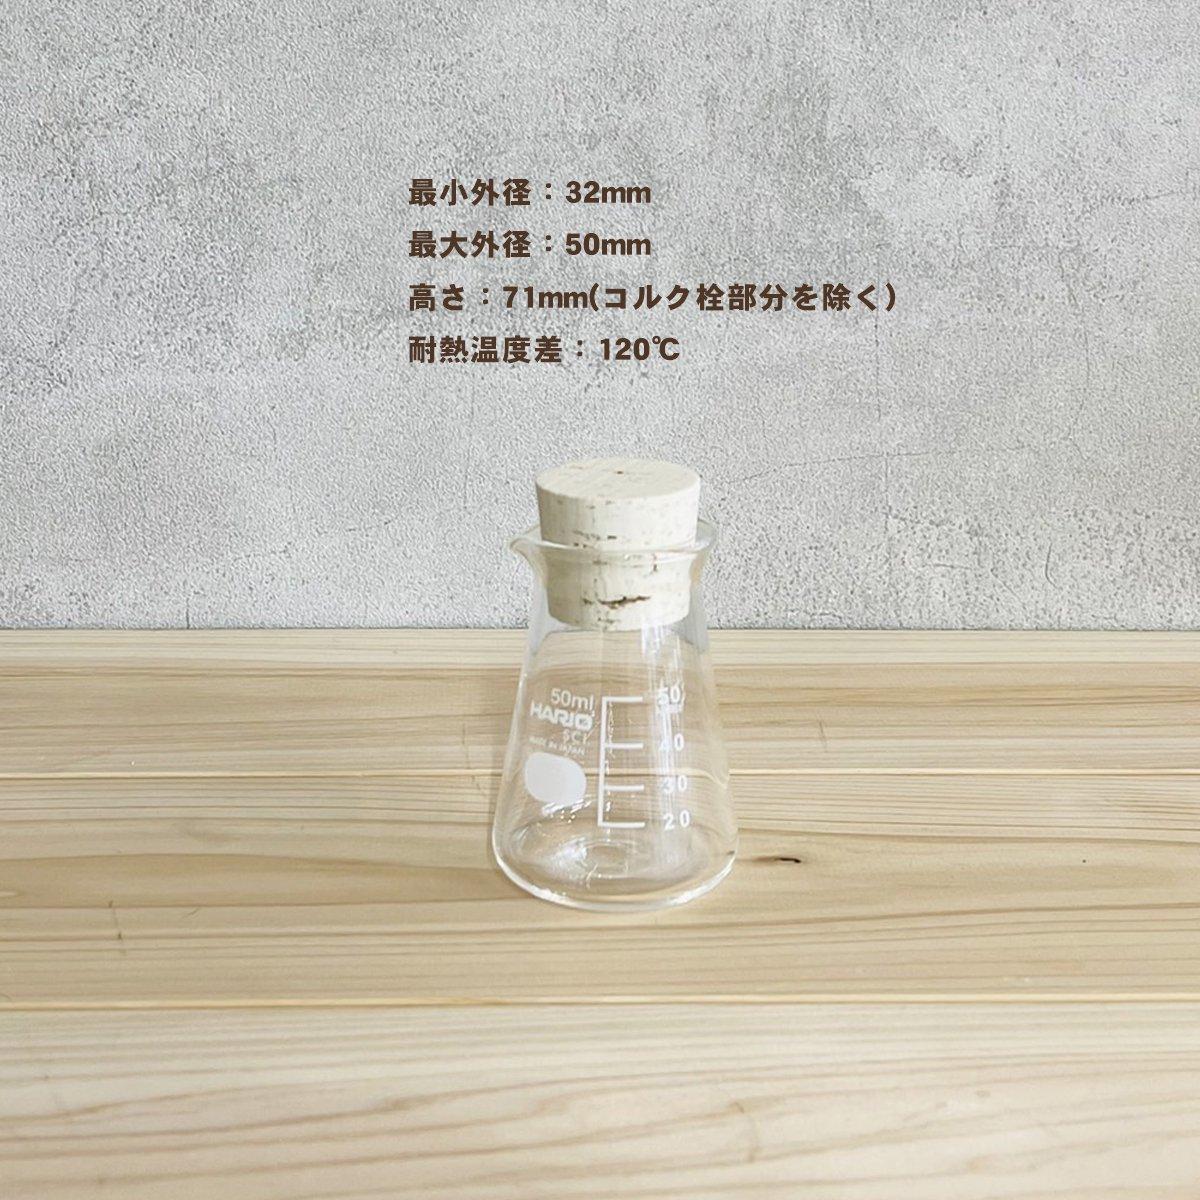 コニカルビーカー  500ml(コルク栓付き)